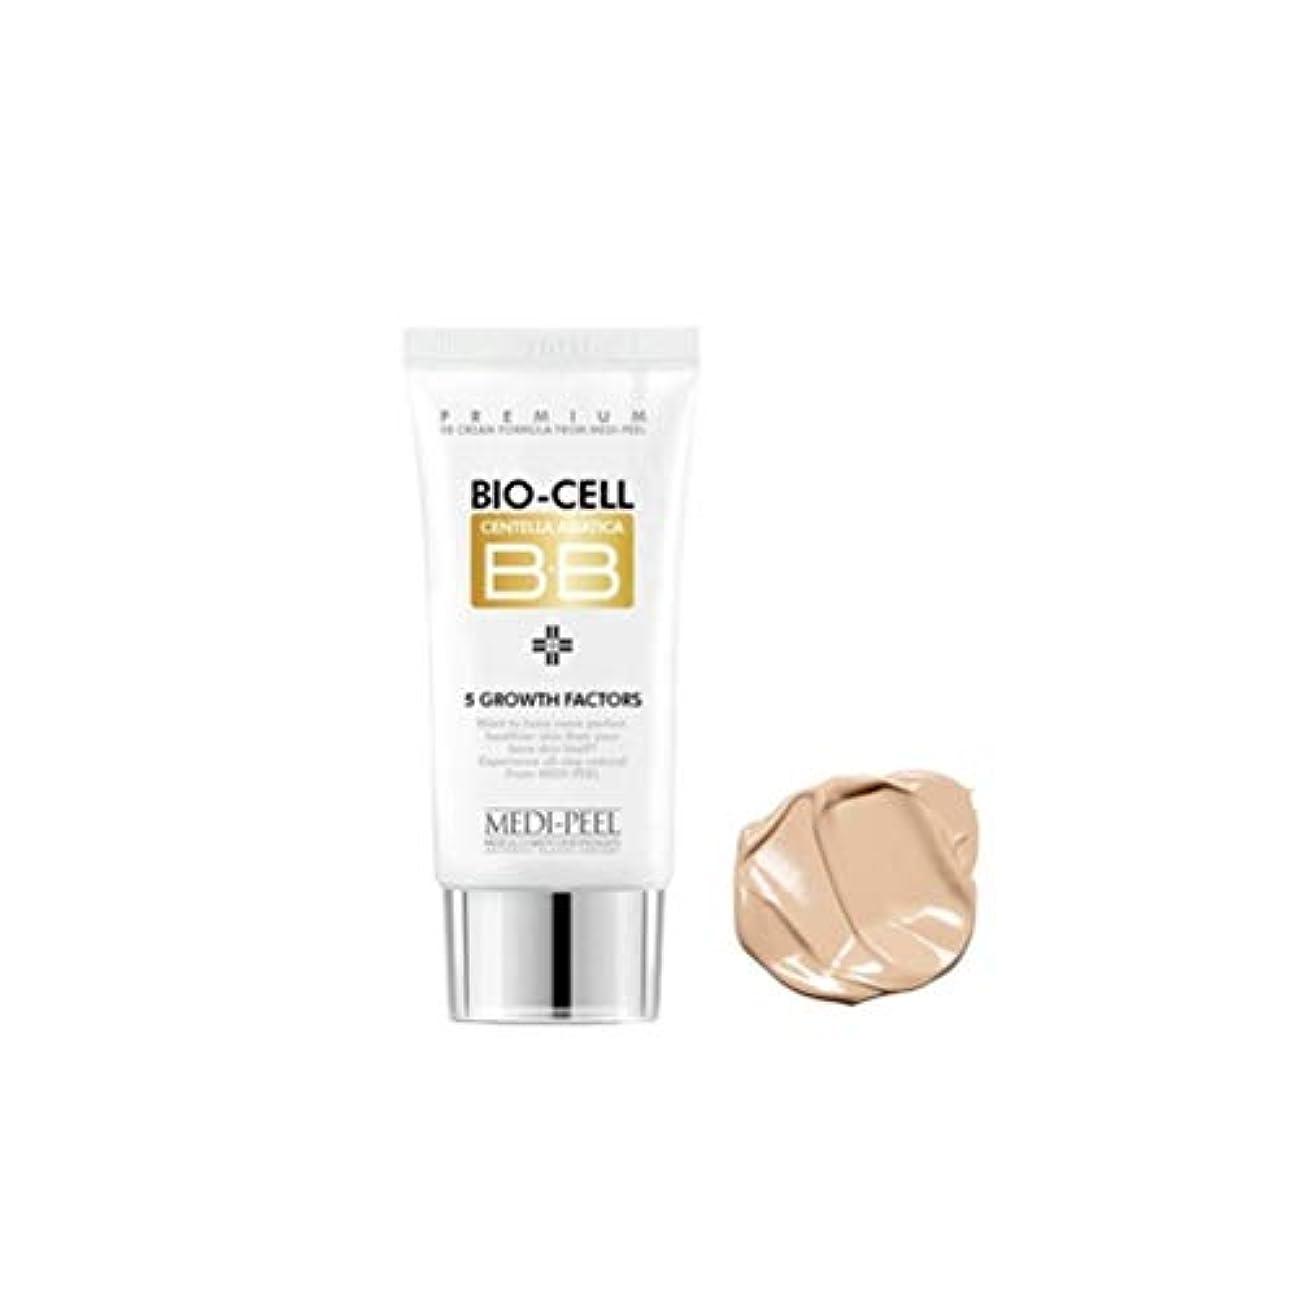 トリプル矛盾するアニメーション[Medi-Peel] メディピール バイオセル BBクリーム 50ml. [美.白?シワ.改善2重機能性化粧品] Medi-Peel Bio-cell BB Cream 50ml.